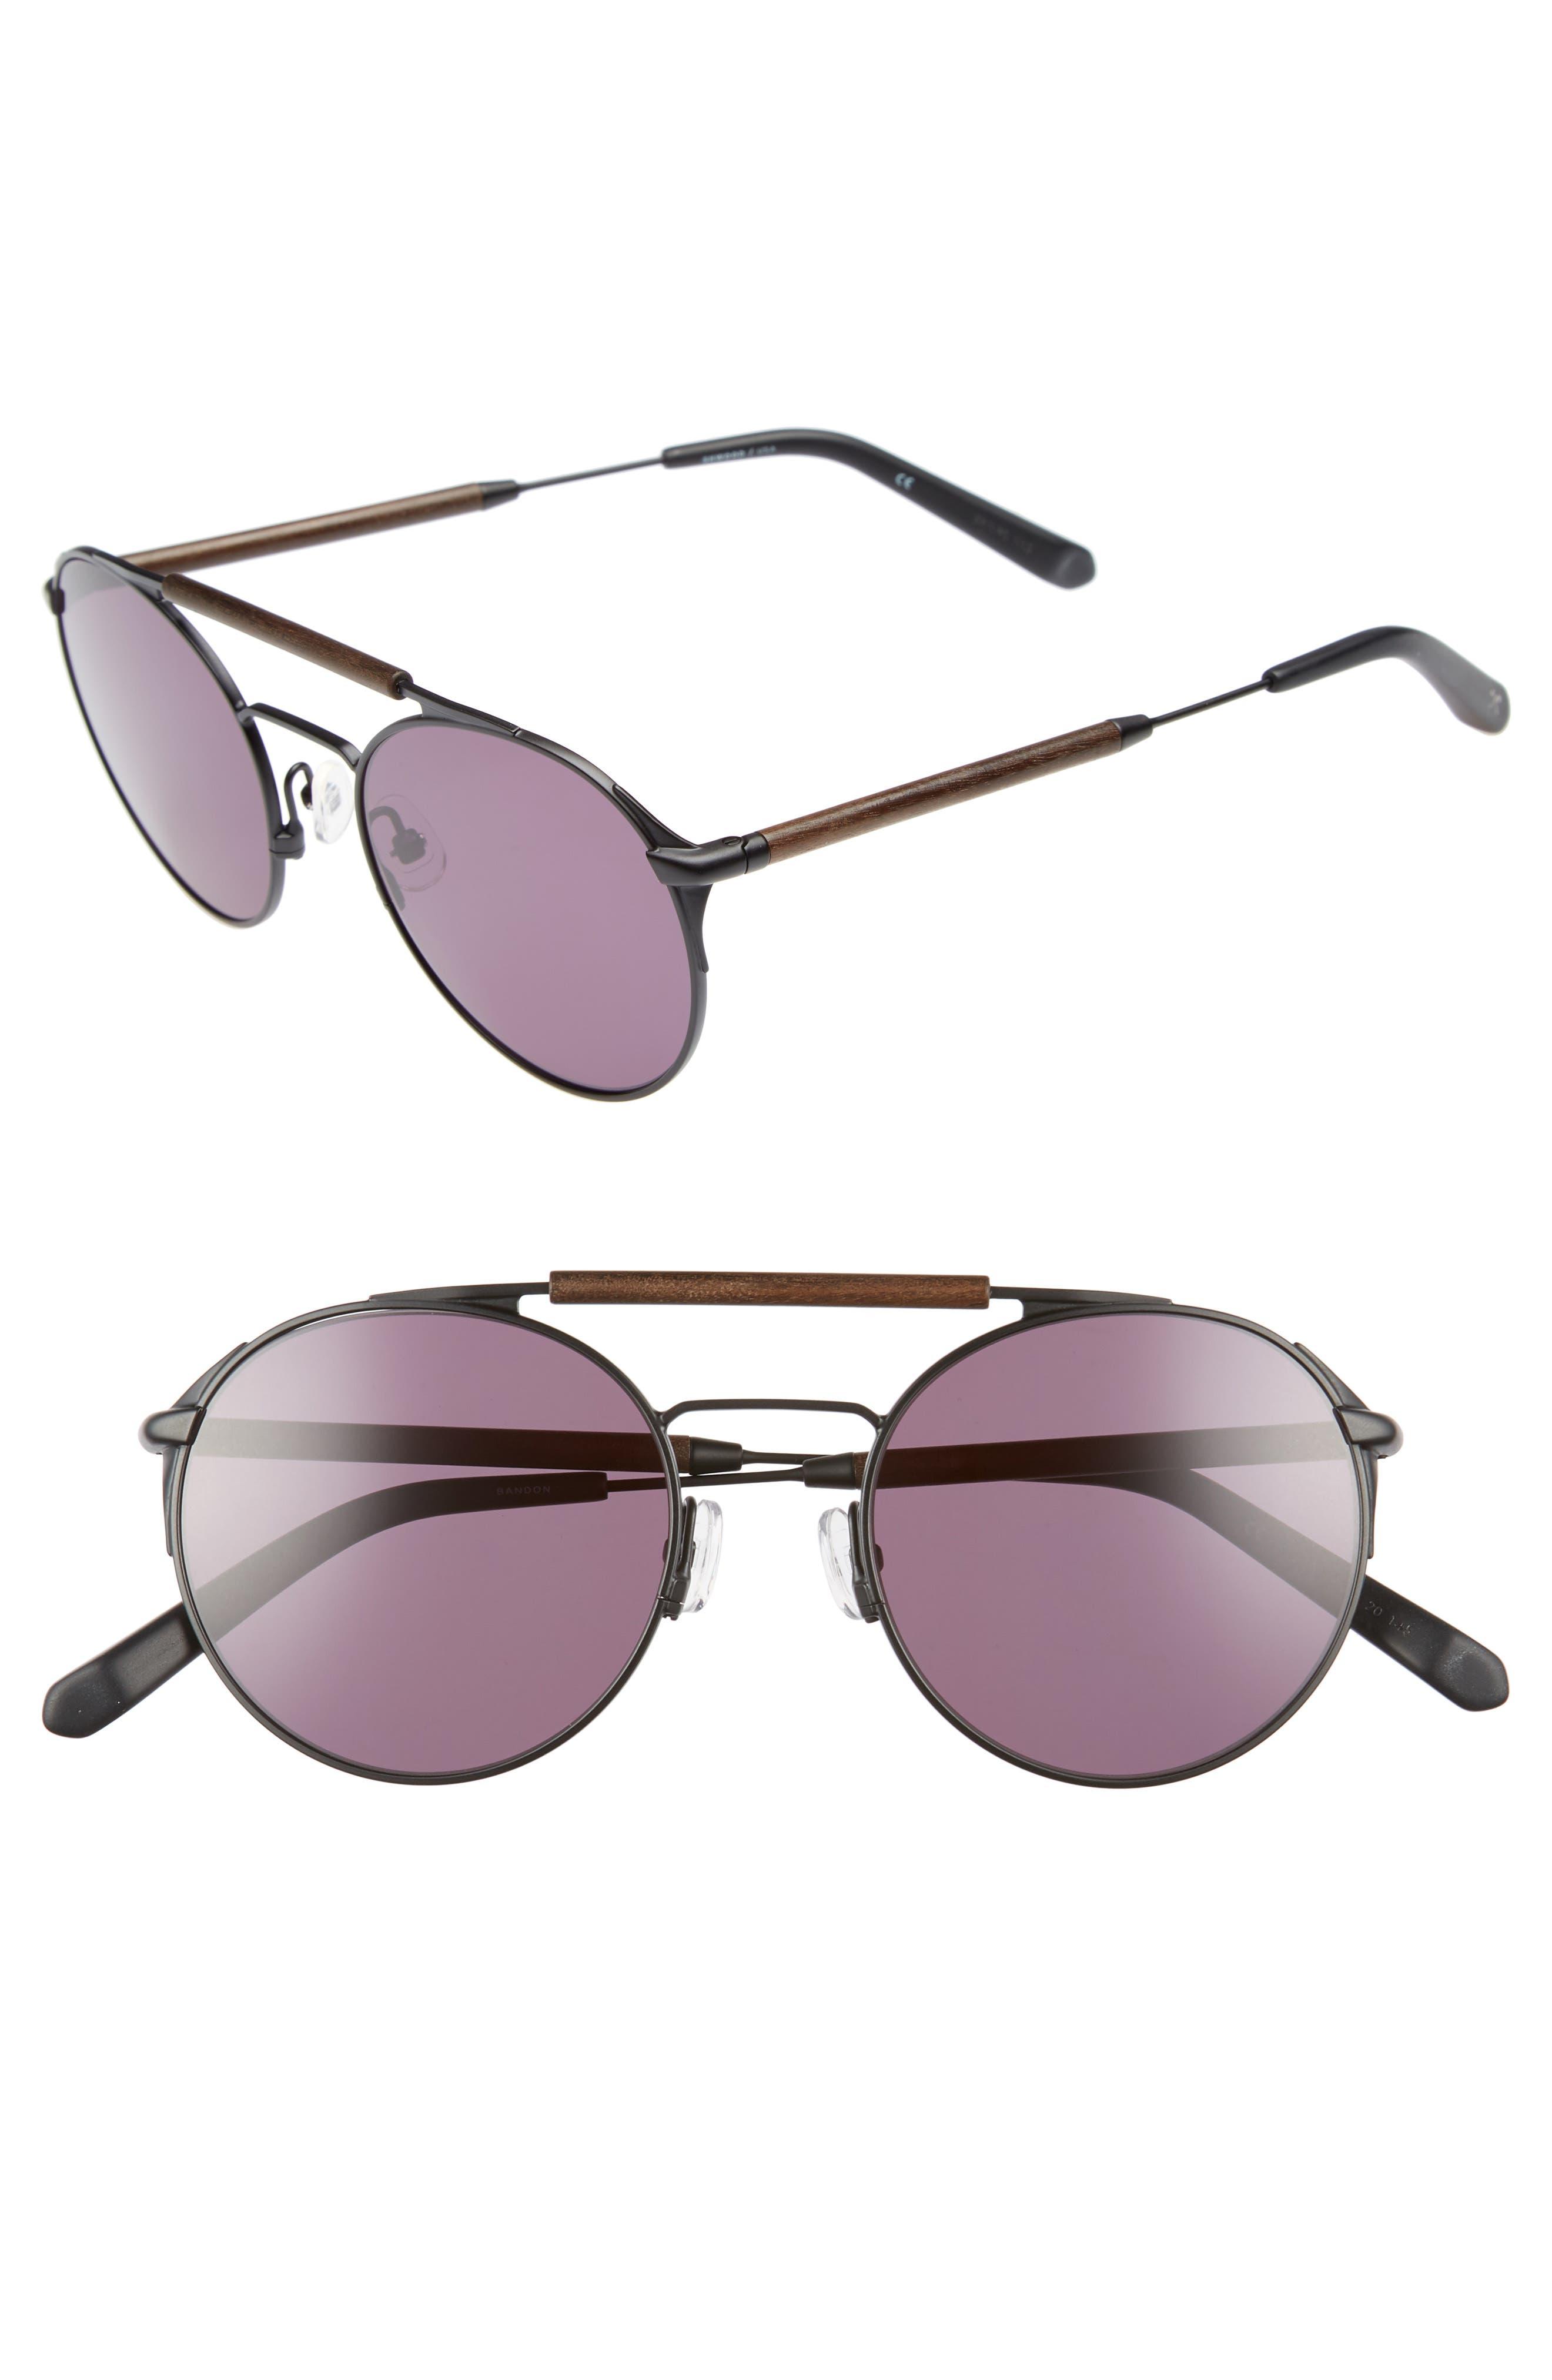 Bandon 52mm Round Sunglasses,                             Main thumbnail 2, color,